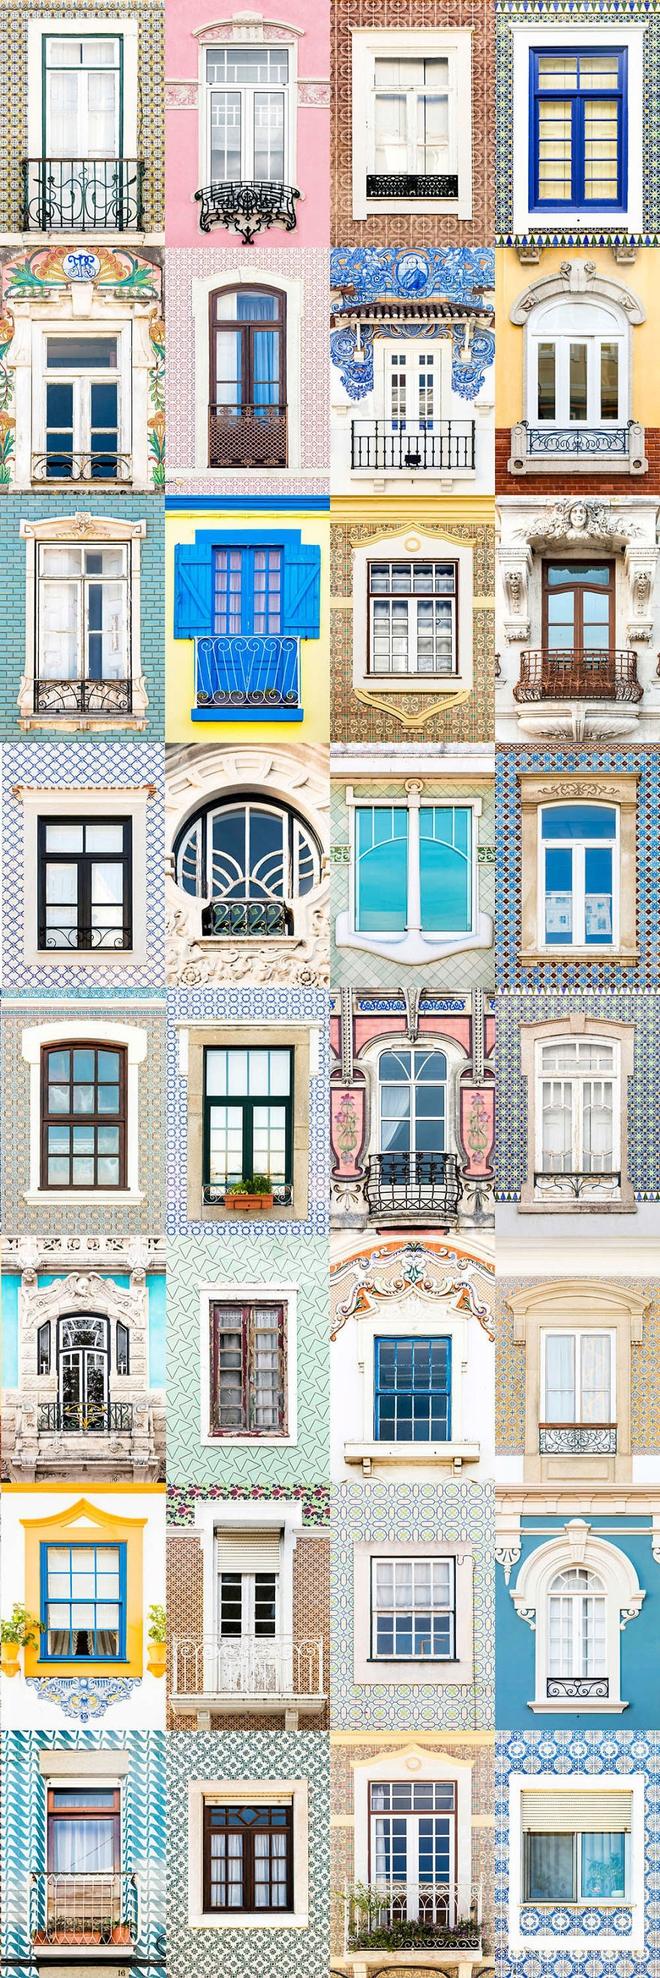 Mãn nhãn với 14 phong cách thiết kế cửa sổ ấn tượng ở Bồ Đào Nha - Ảnh 2.